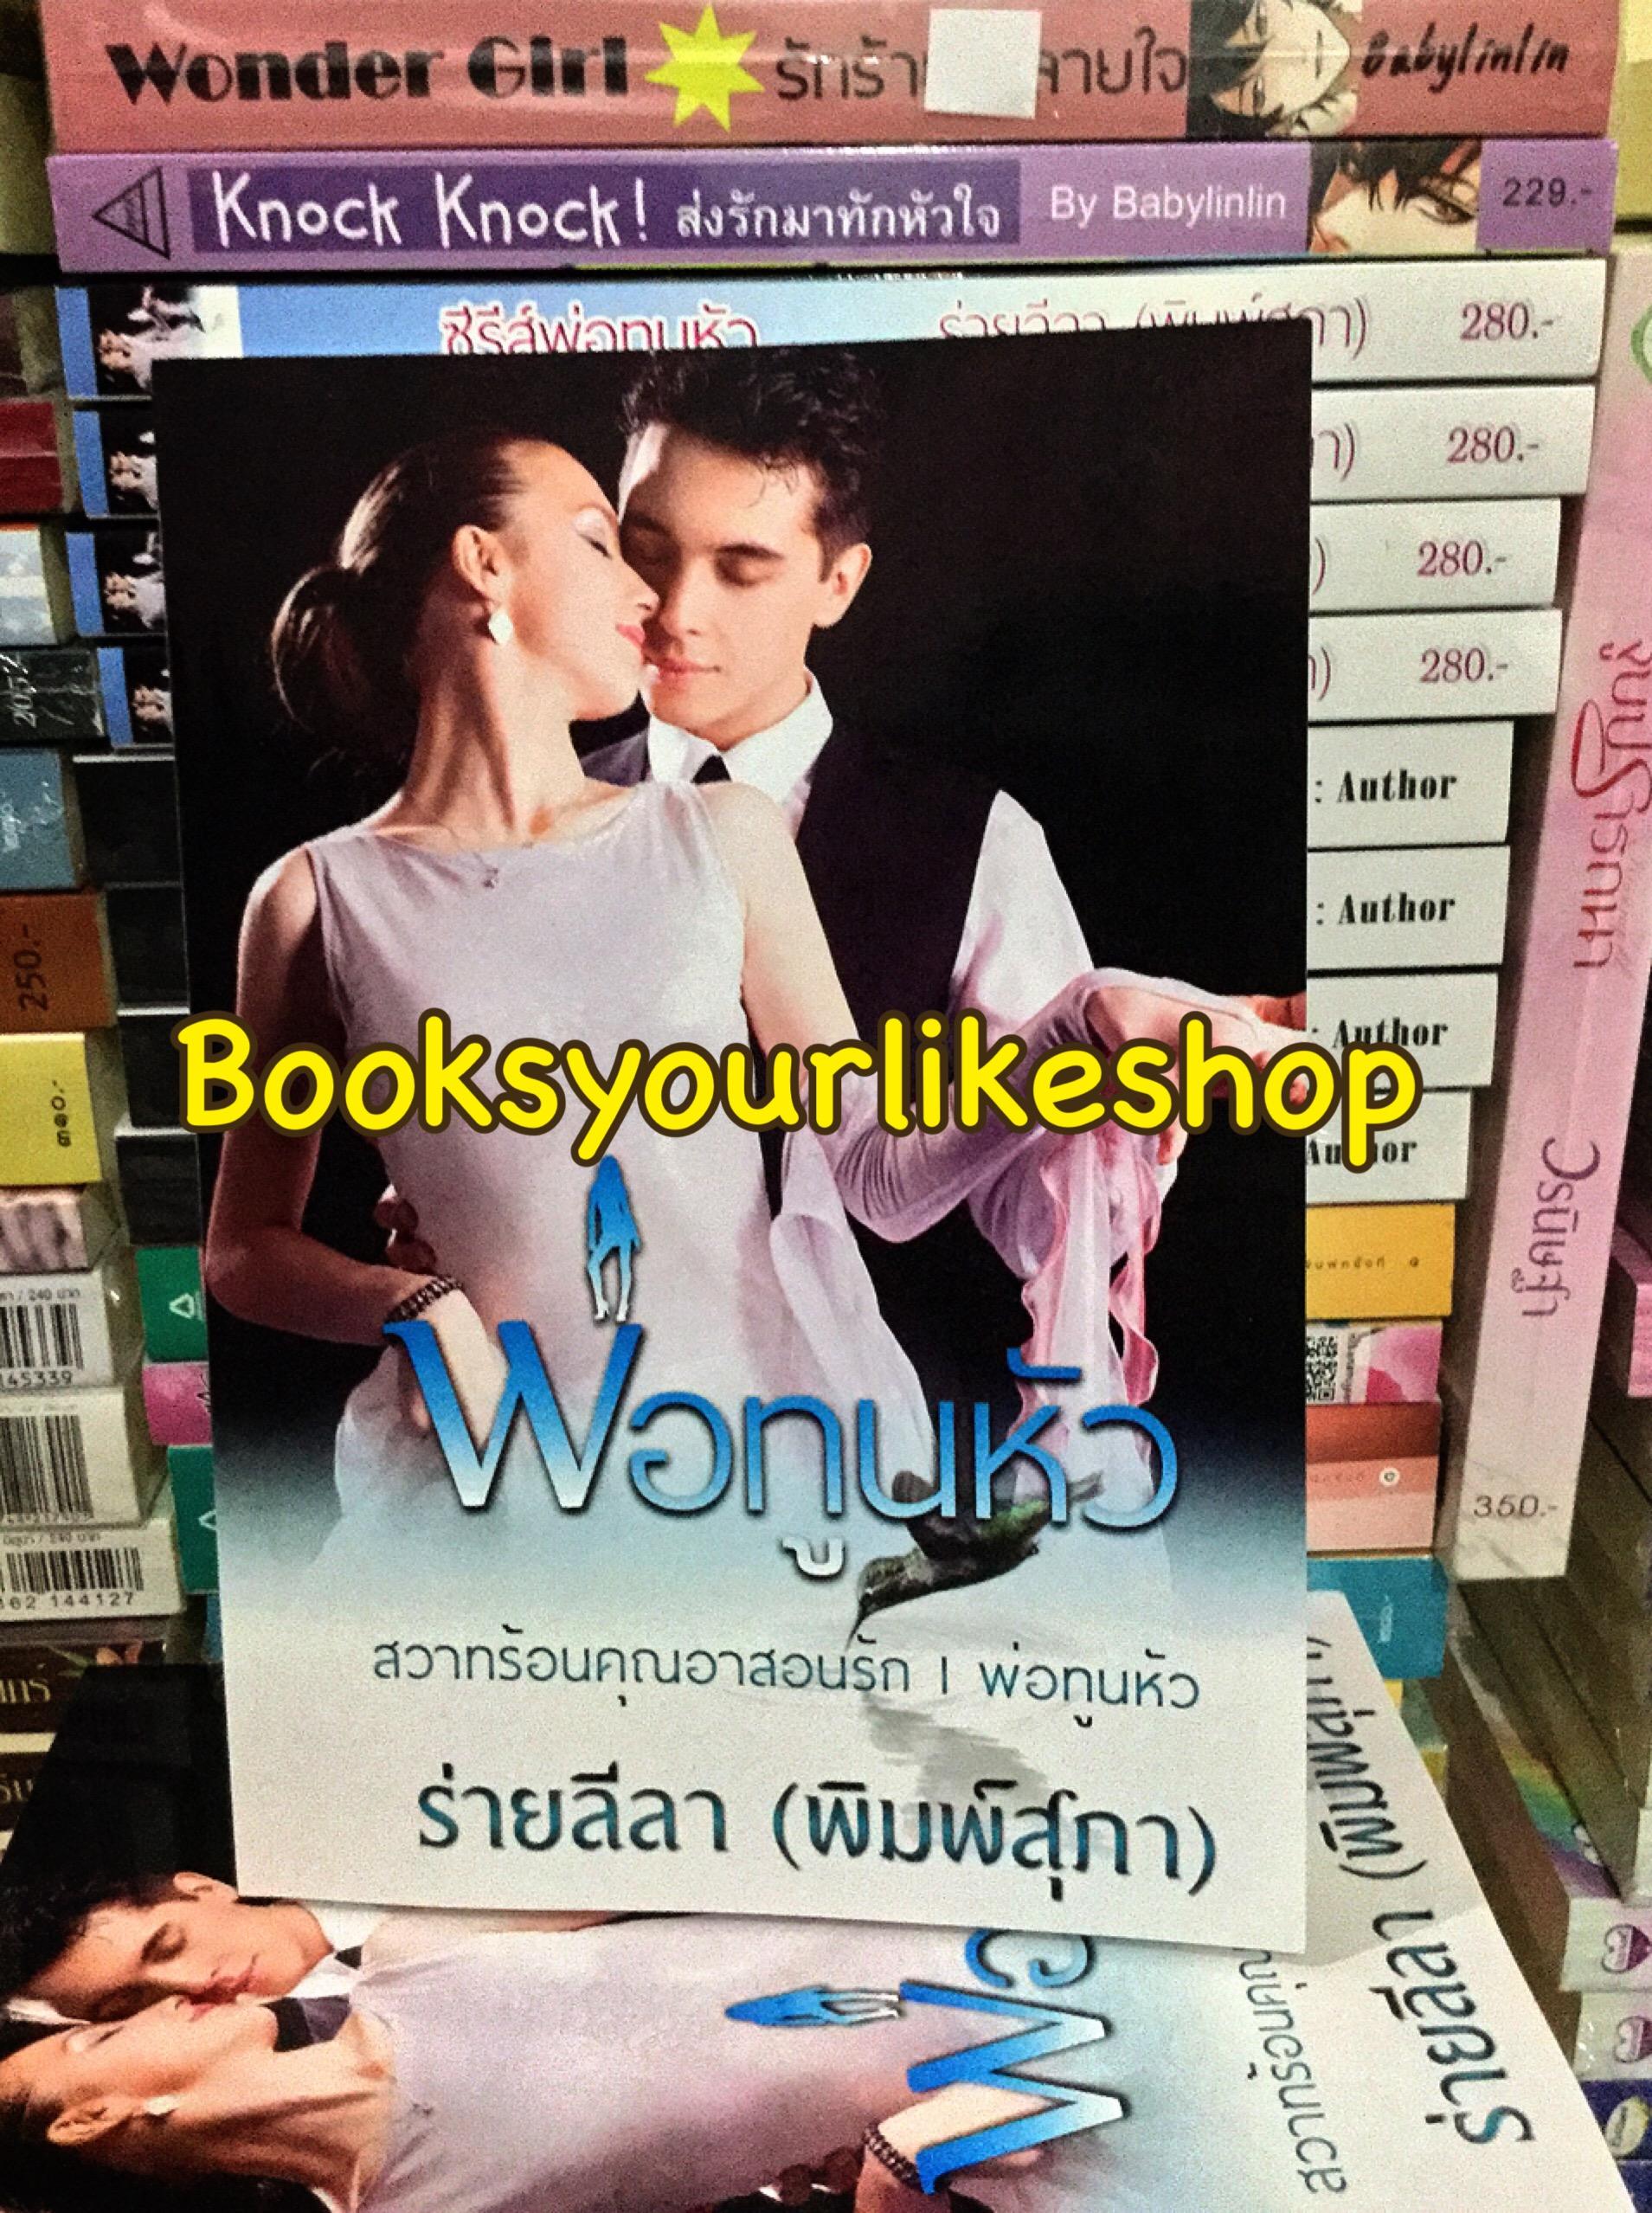 ซีรีย์ชุดพ่อทูนหัว ( สวาทร้อนคุณอาสอนรัก,พ่อทูนหัว ) / ร่ายลีลา ( พิมพ์สุภา ) หนังสือใหม่ทำมือ***สนุกคะ***